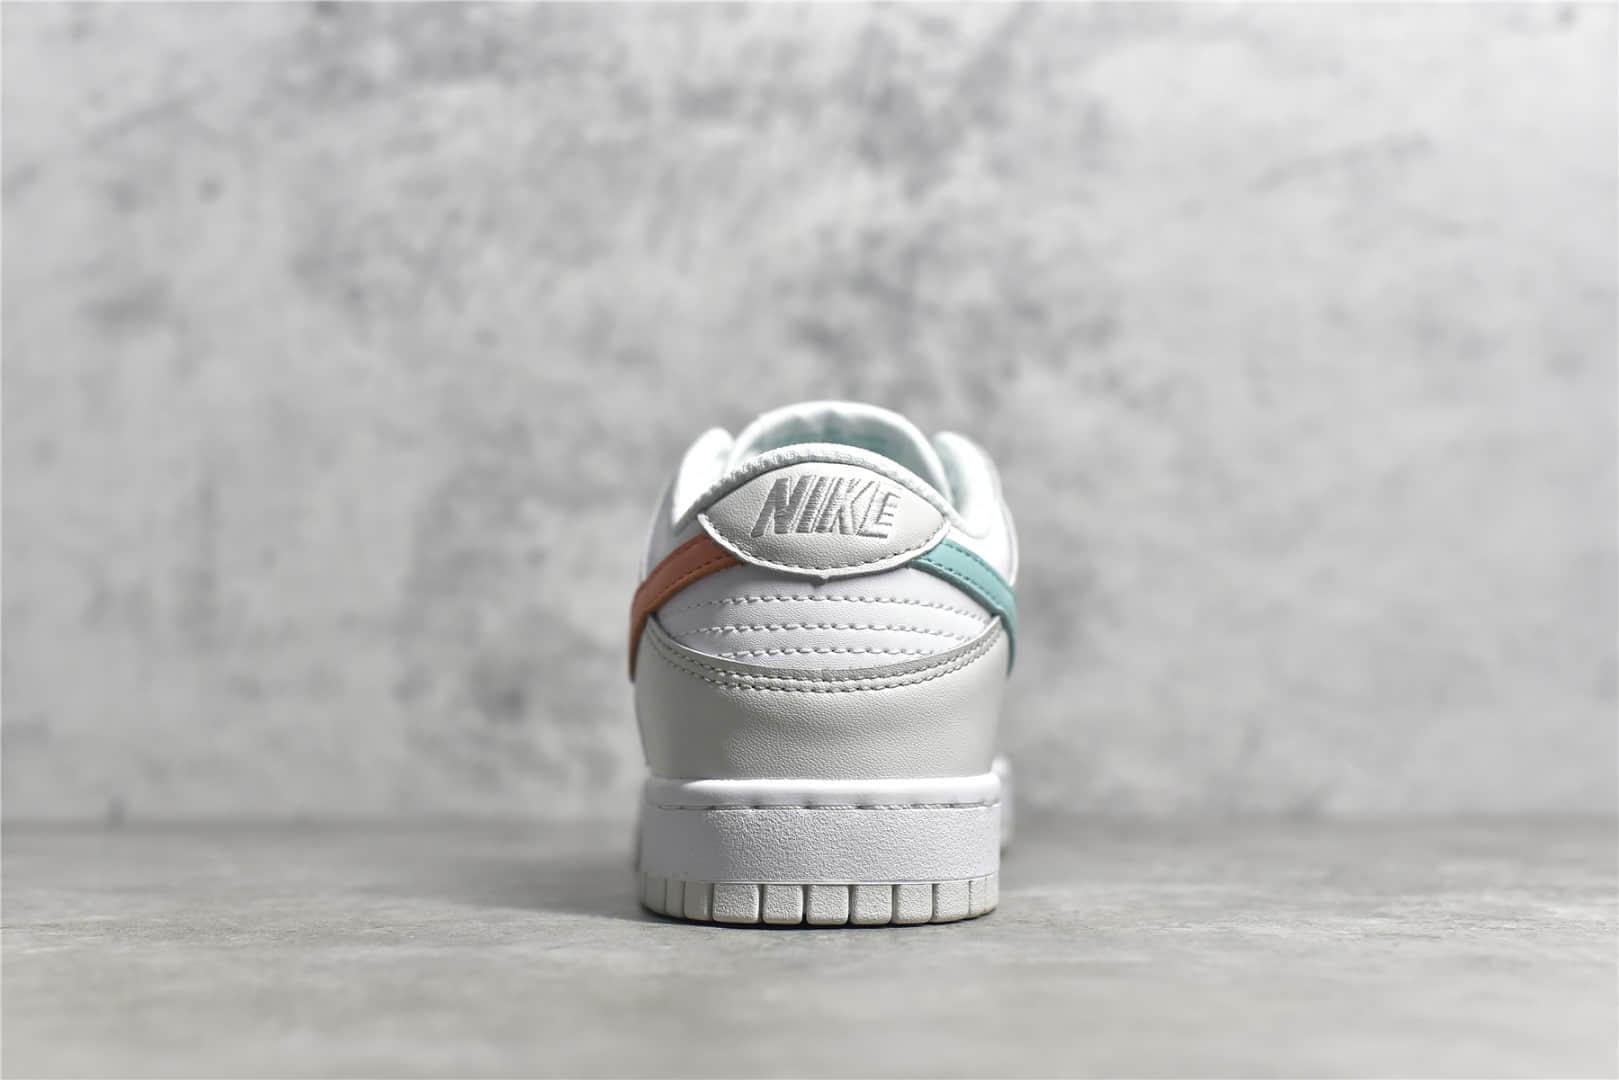 耐克Dunk SB糖果鸳鸯钩低帮 Nike Dunk SB Low 耐克Dunk SB象牙白 耐克低帮滑板鞋 货号:CW1590-101-潮流者之家